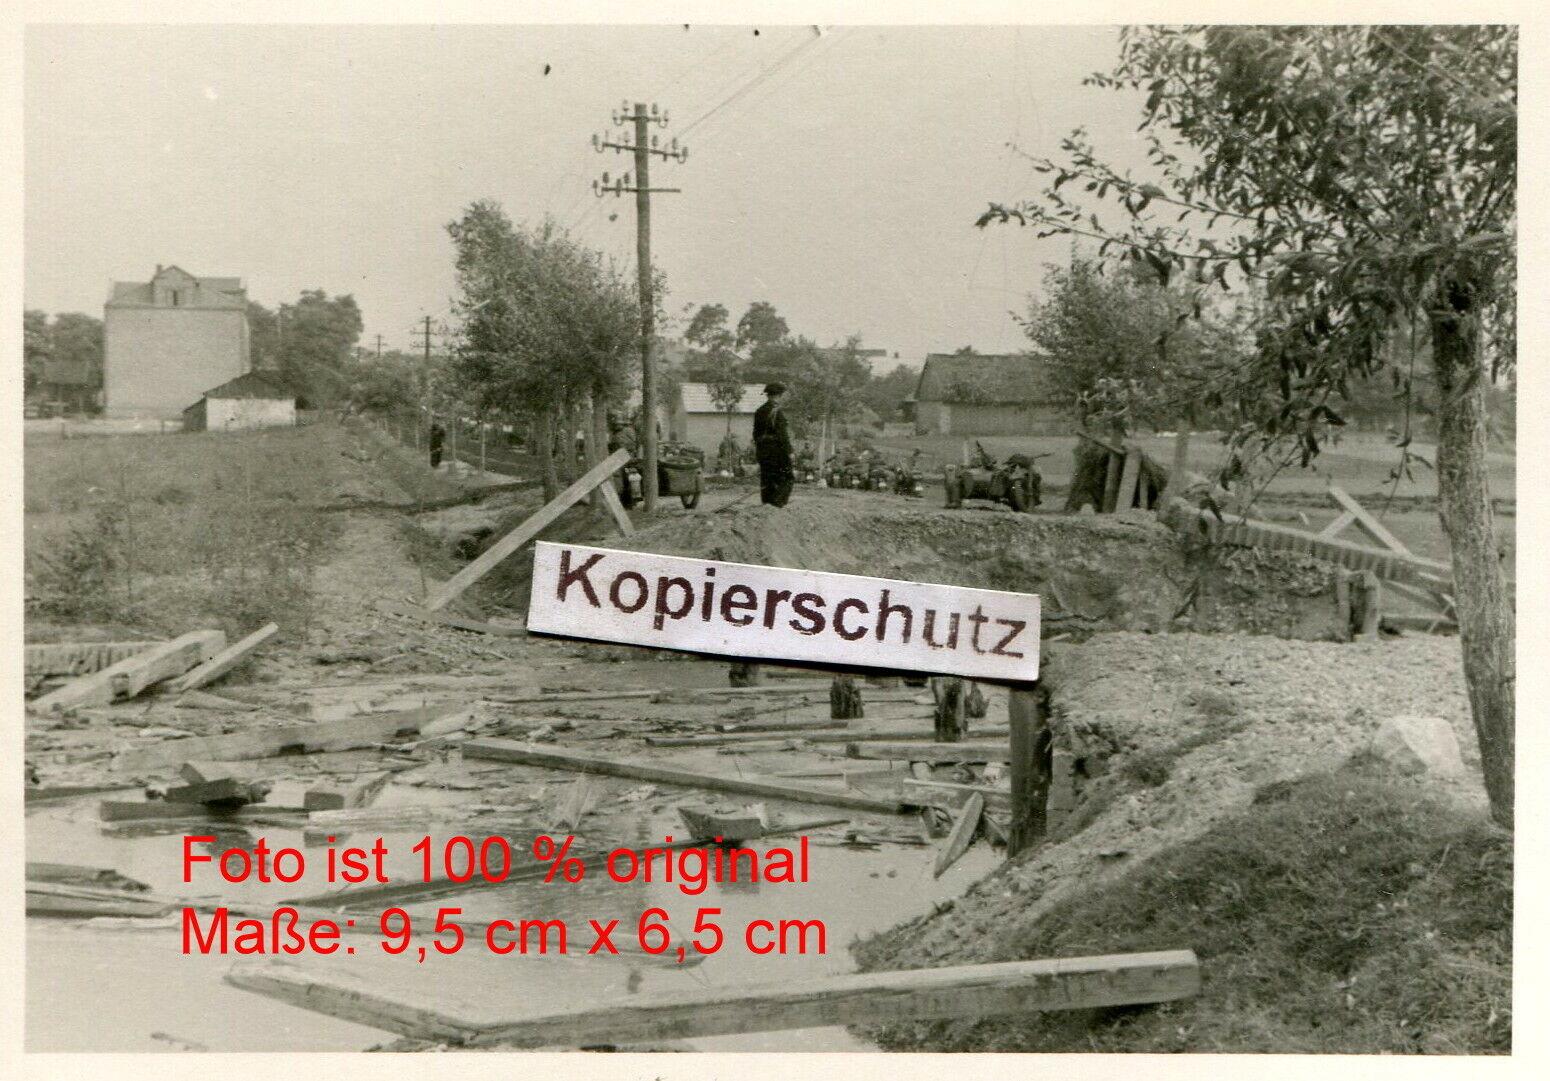 Bild 1 - Polen-Panzer-Rgt-36-4-PD-Panzer-Kradmelder-zerstoerter-Bruecke-bei-Piotrkow